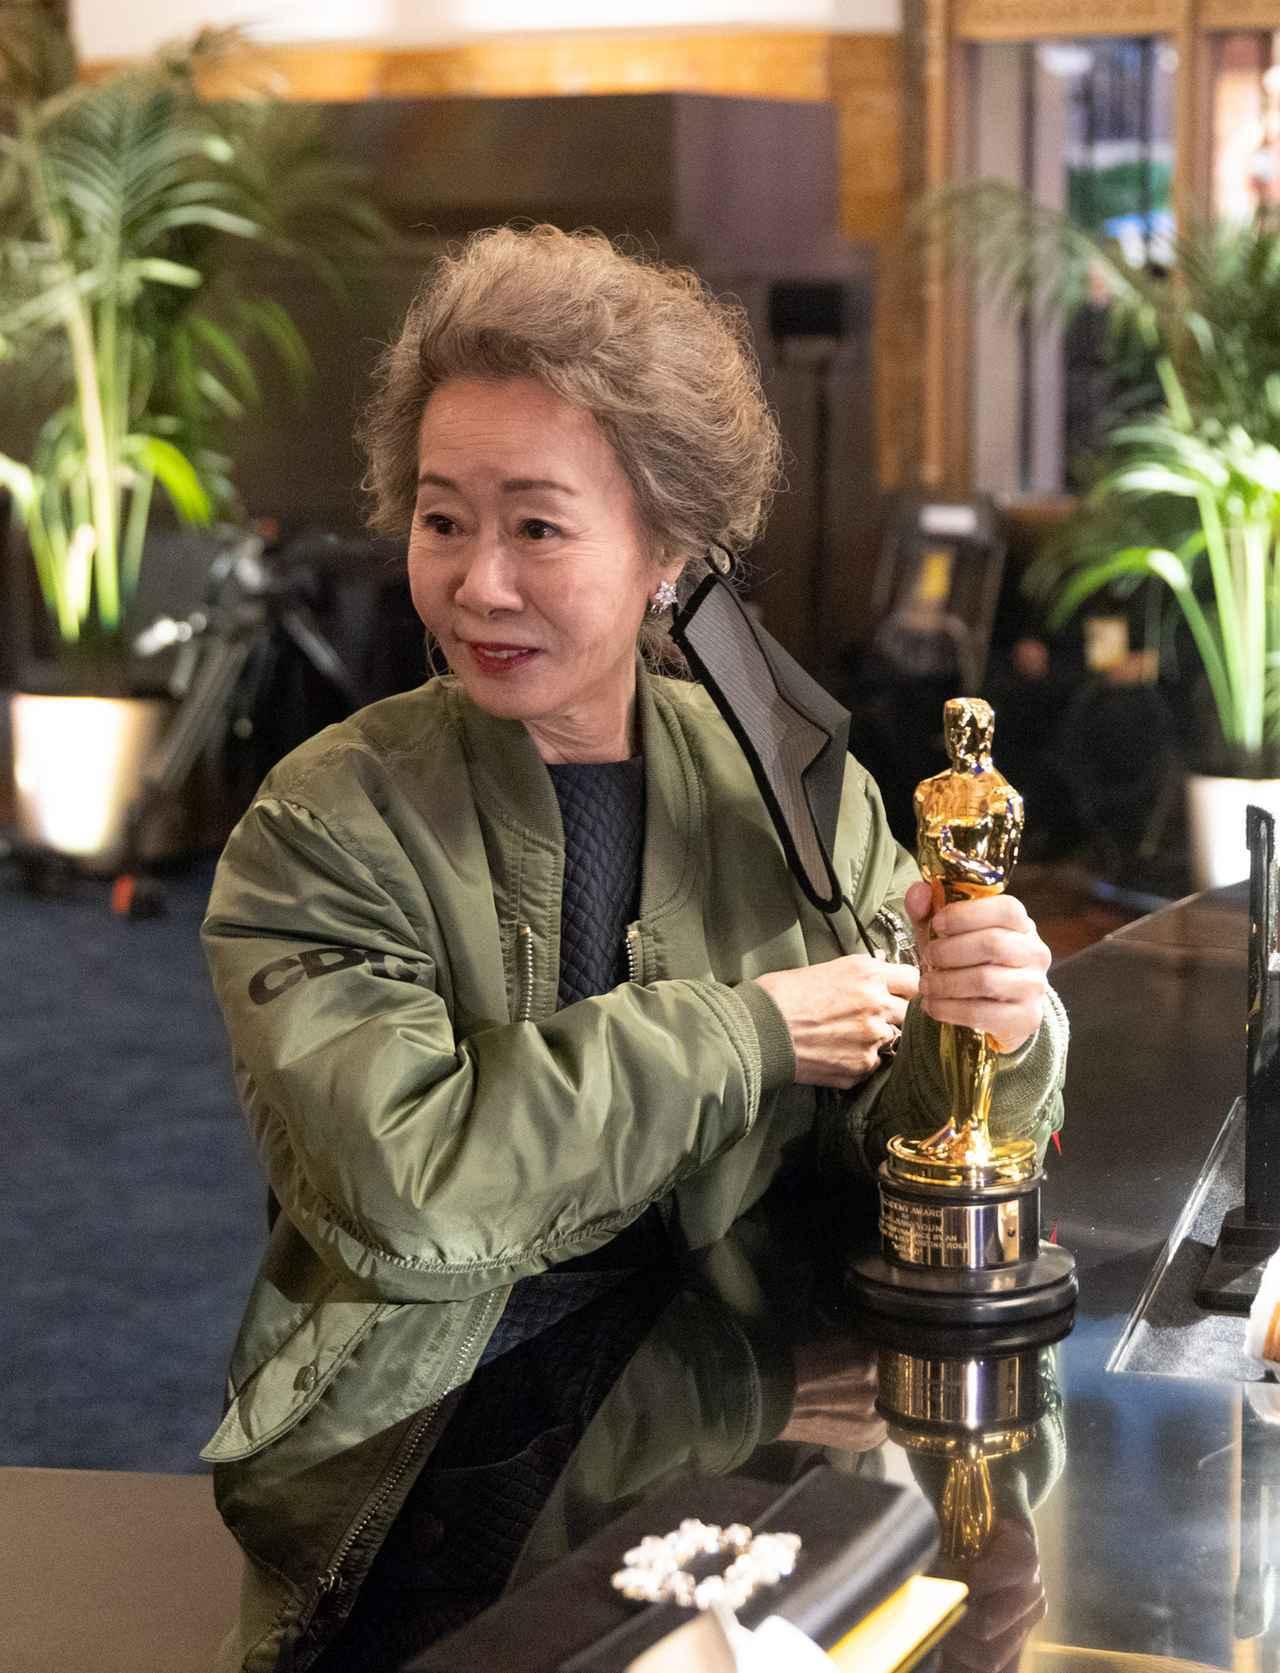 画像: ユン・ヨジョンのちょいワイルドな姿を目撃